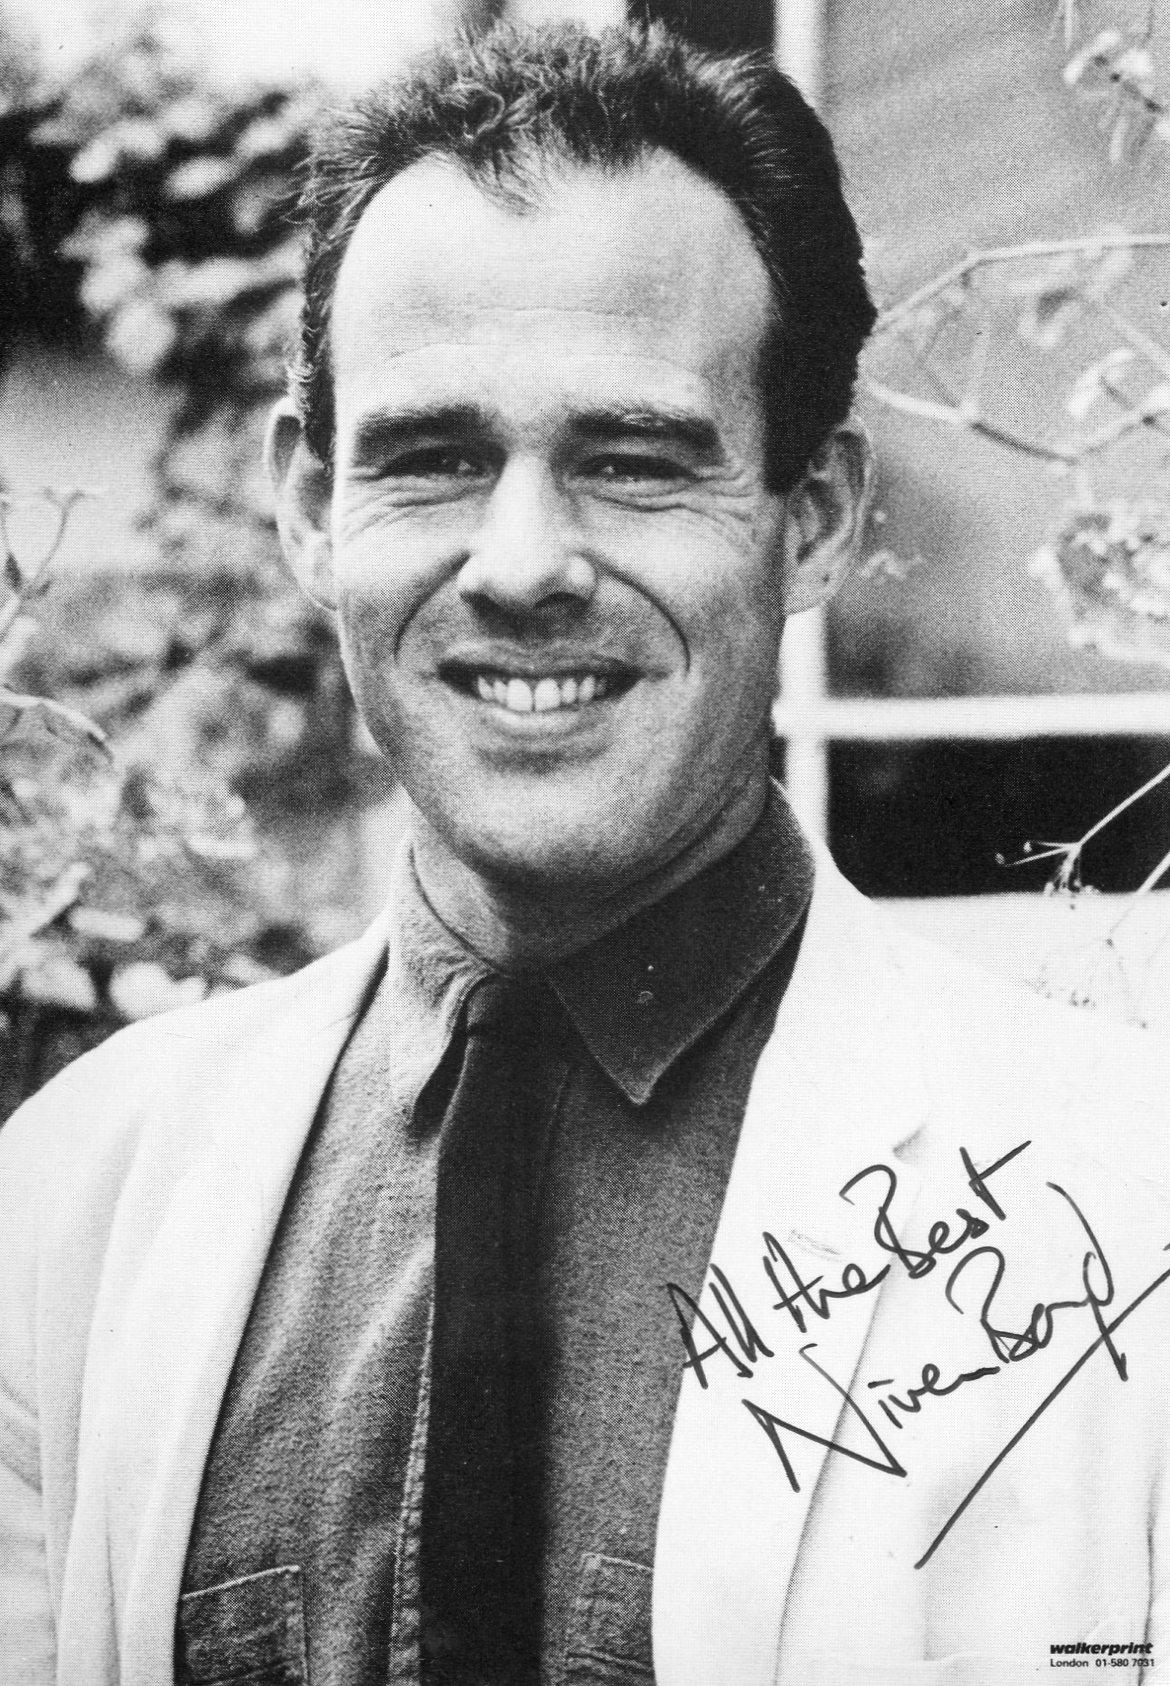 John McEnery (born 1943)